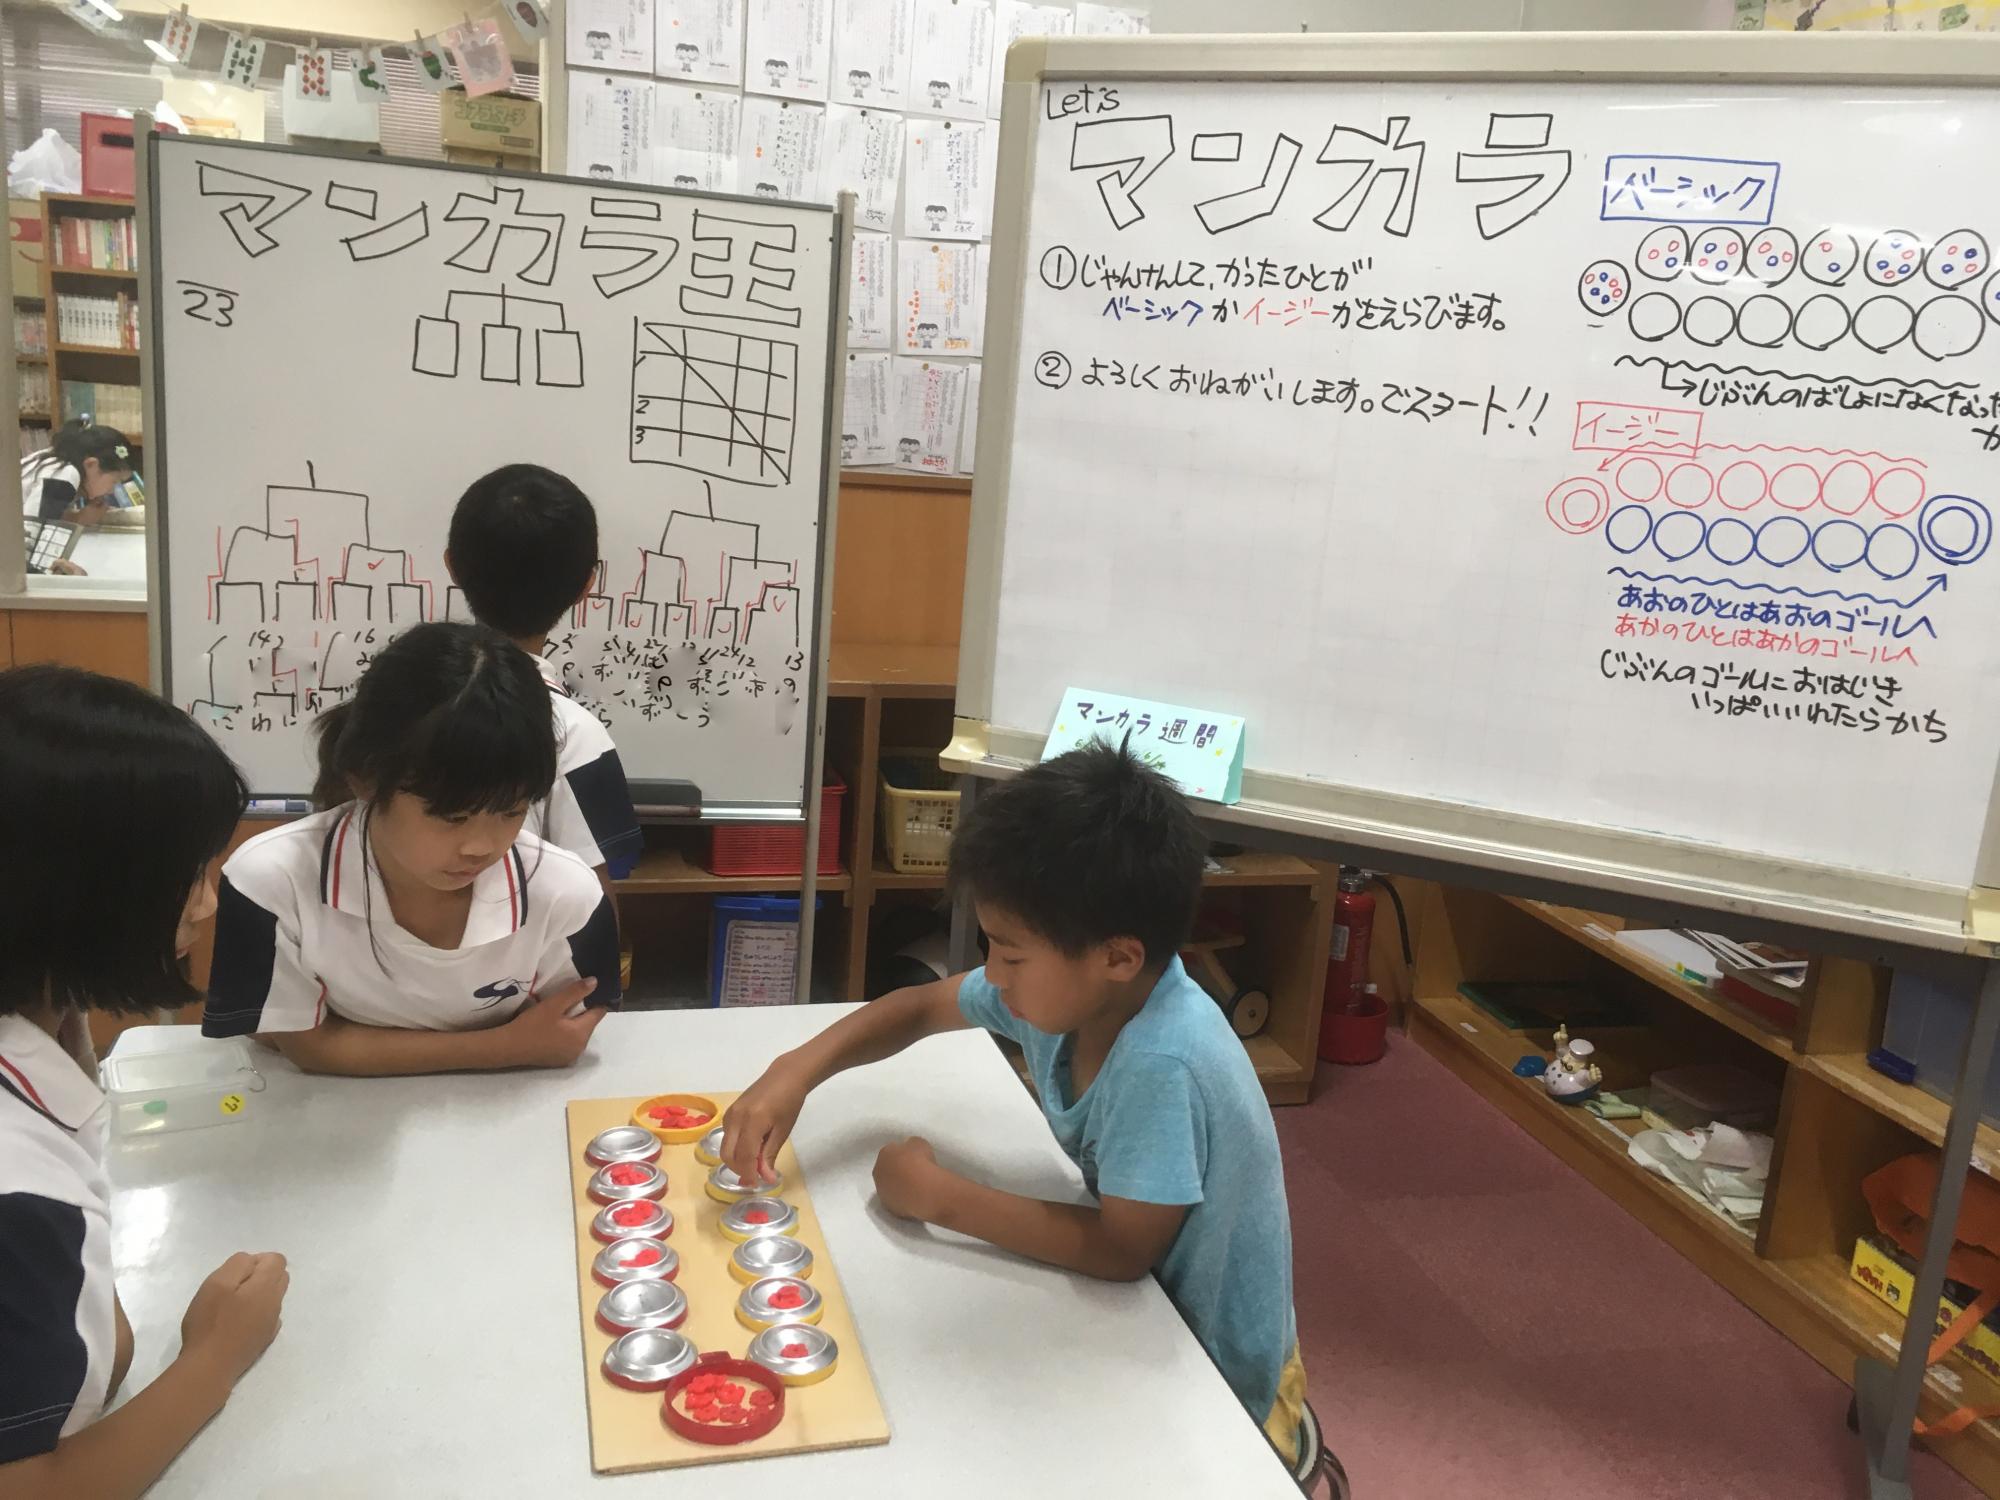 神戸市立六甲道児童館「マンカラ大会決勝」